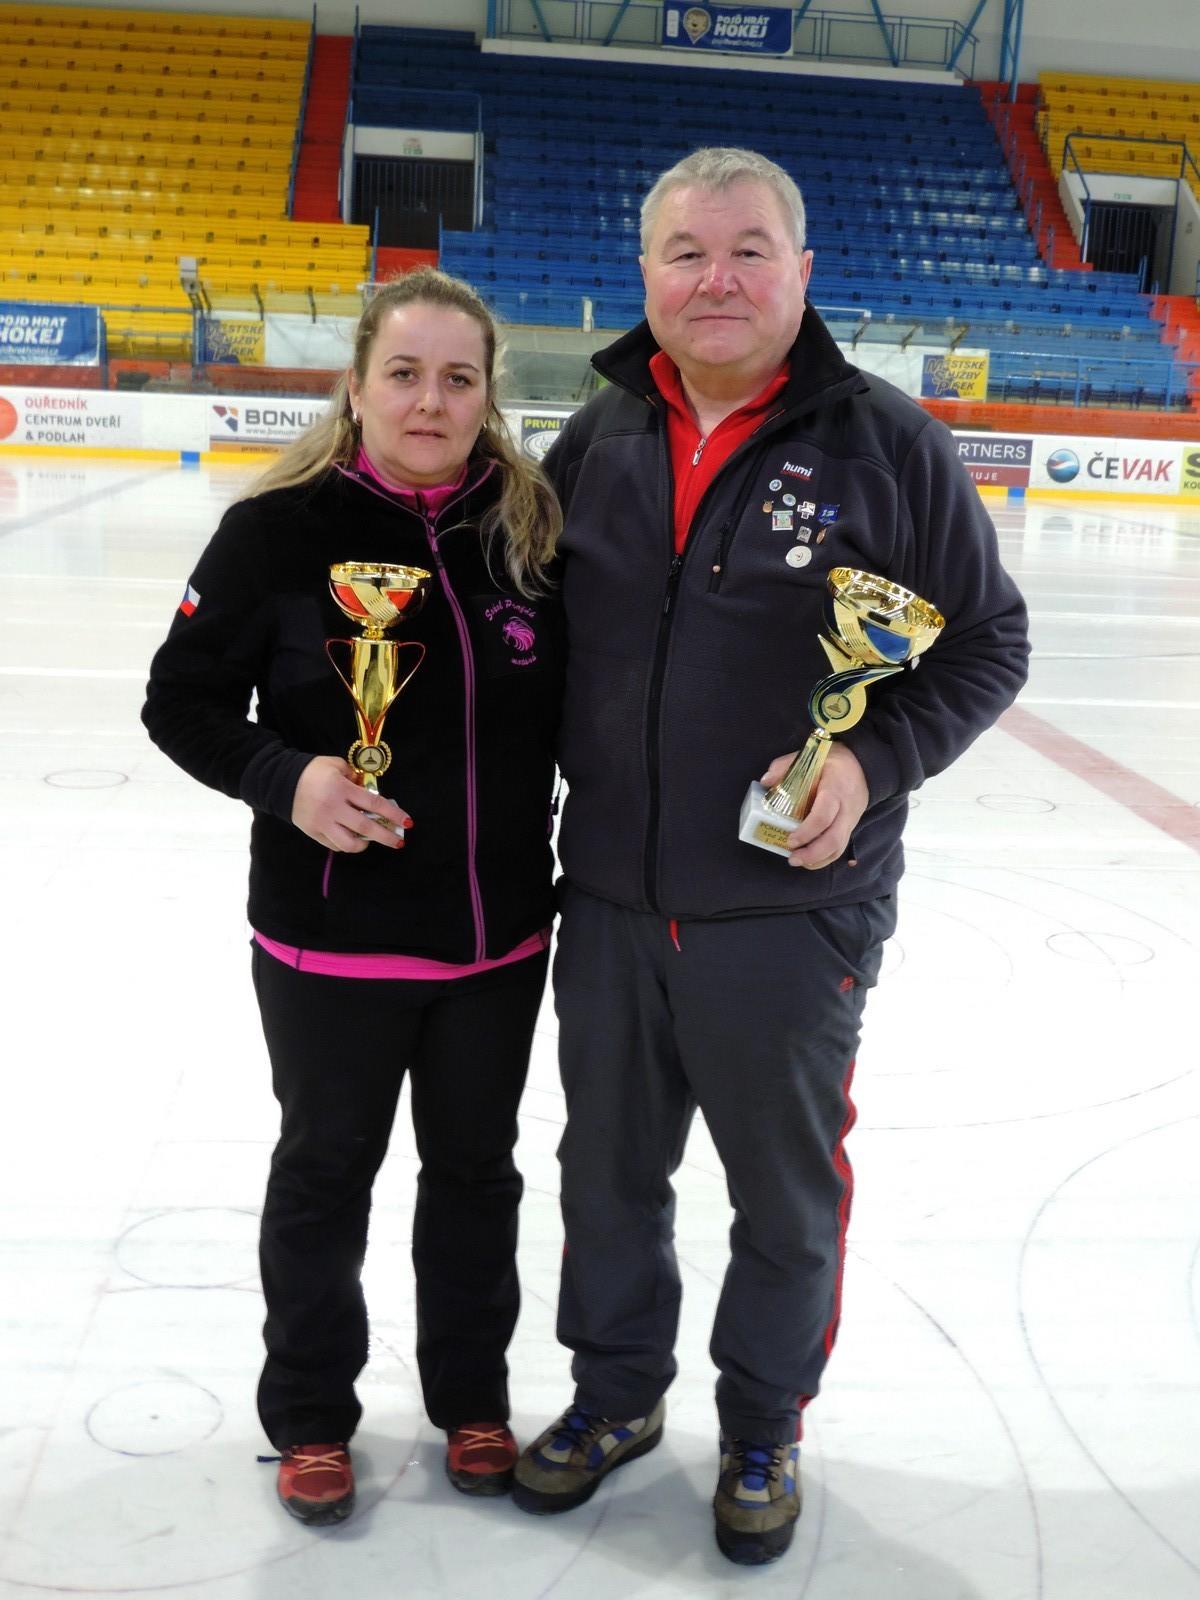 Vítězové-Poháru-ČSM-2020-v-hodech-na-cíl.